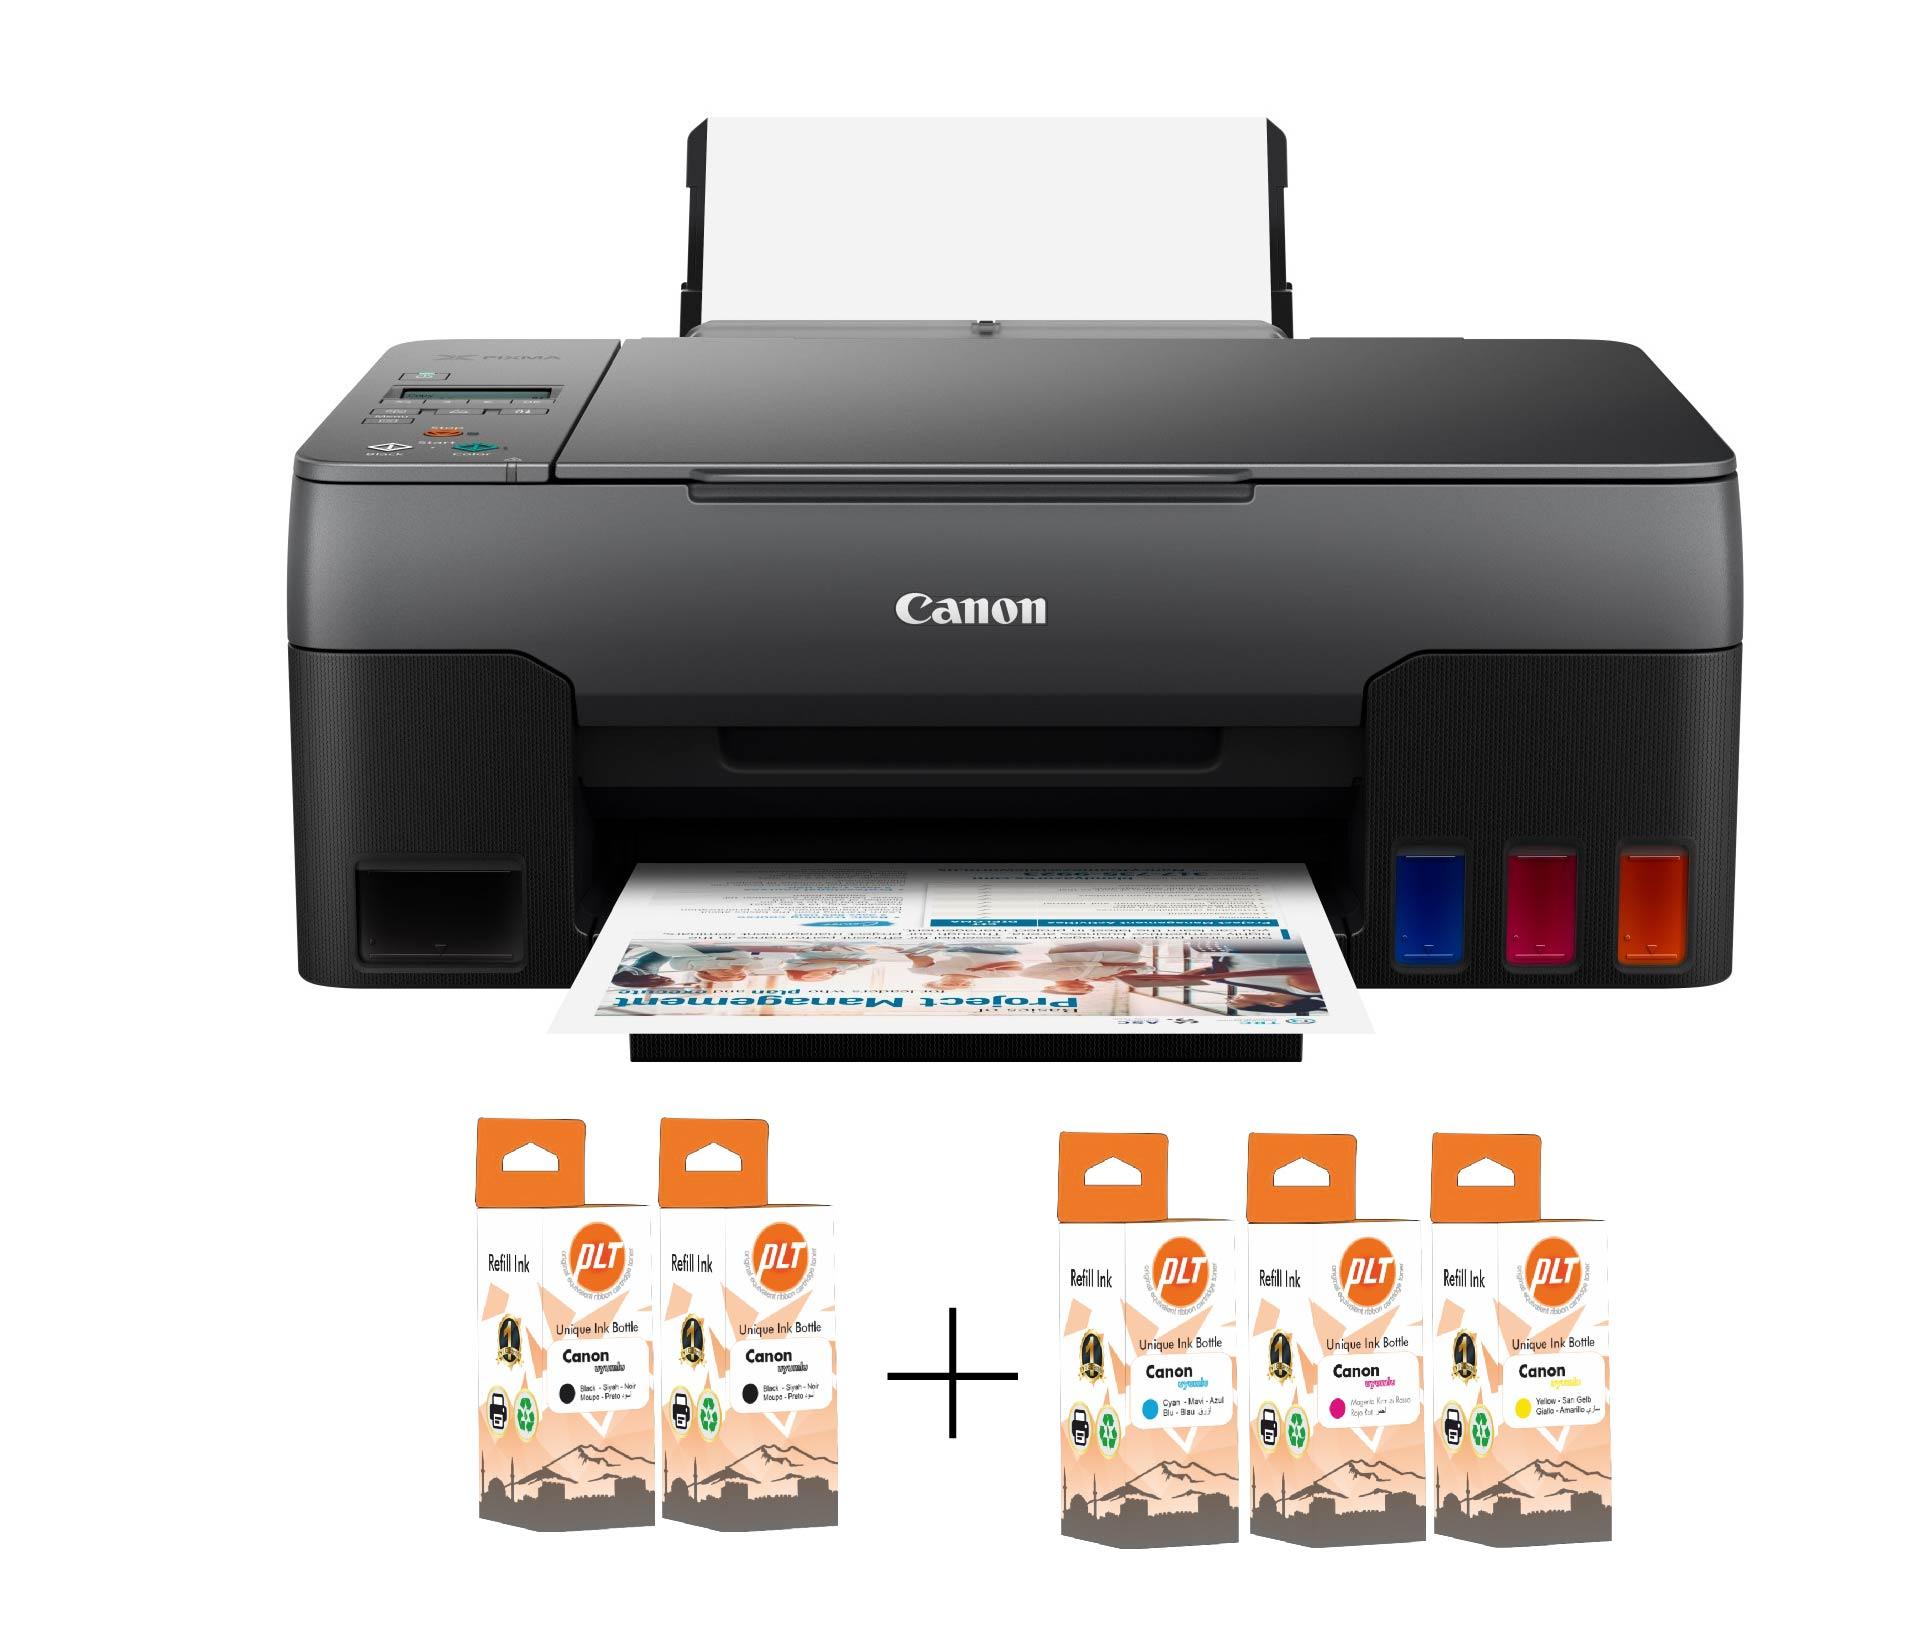 CANON G2420 PLT Mürekkepli Yazıcı/Tarayıcı/Fotokopi/Renkli